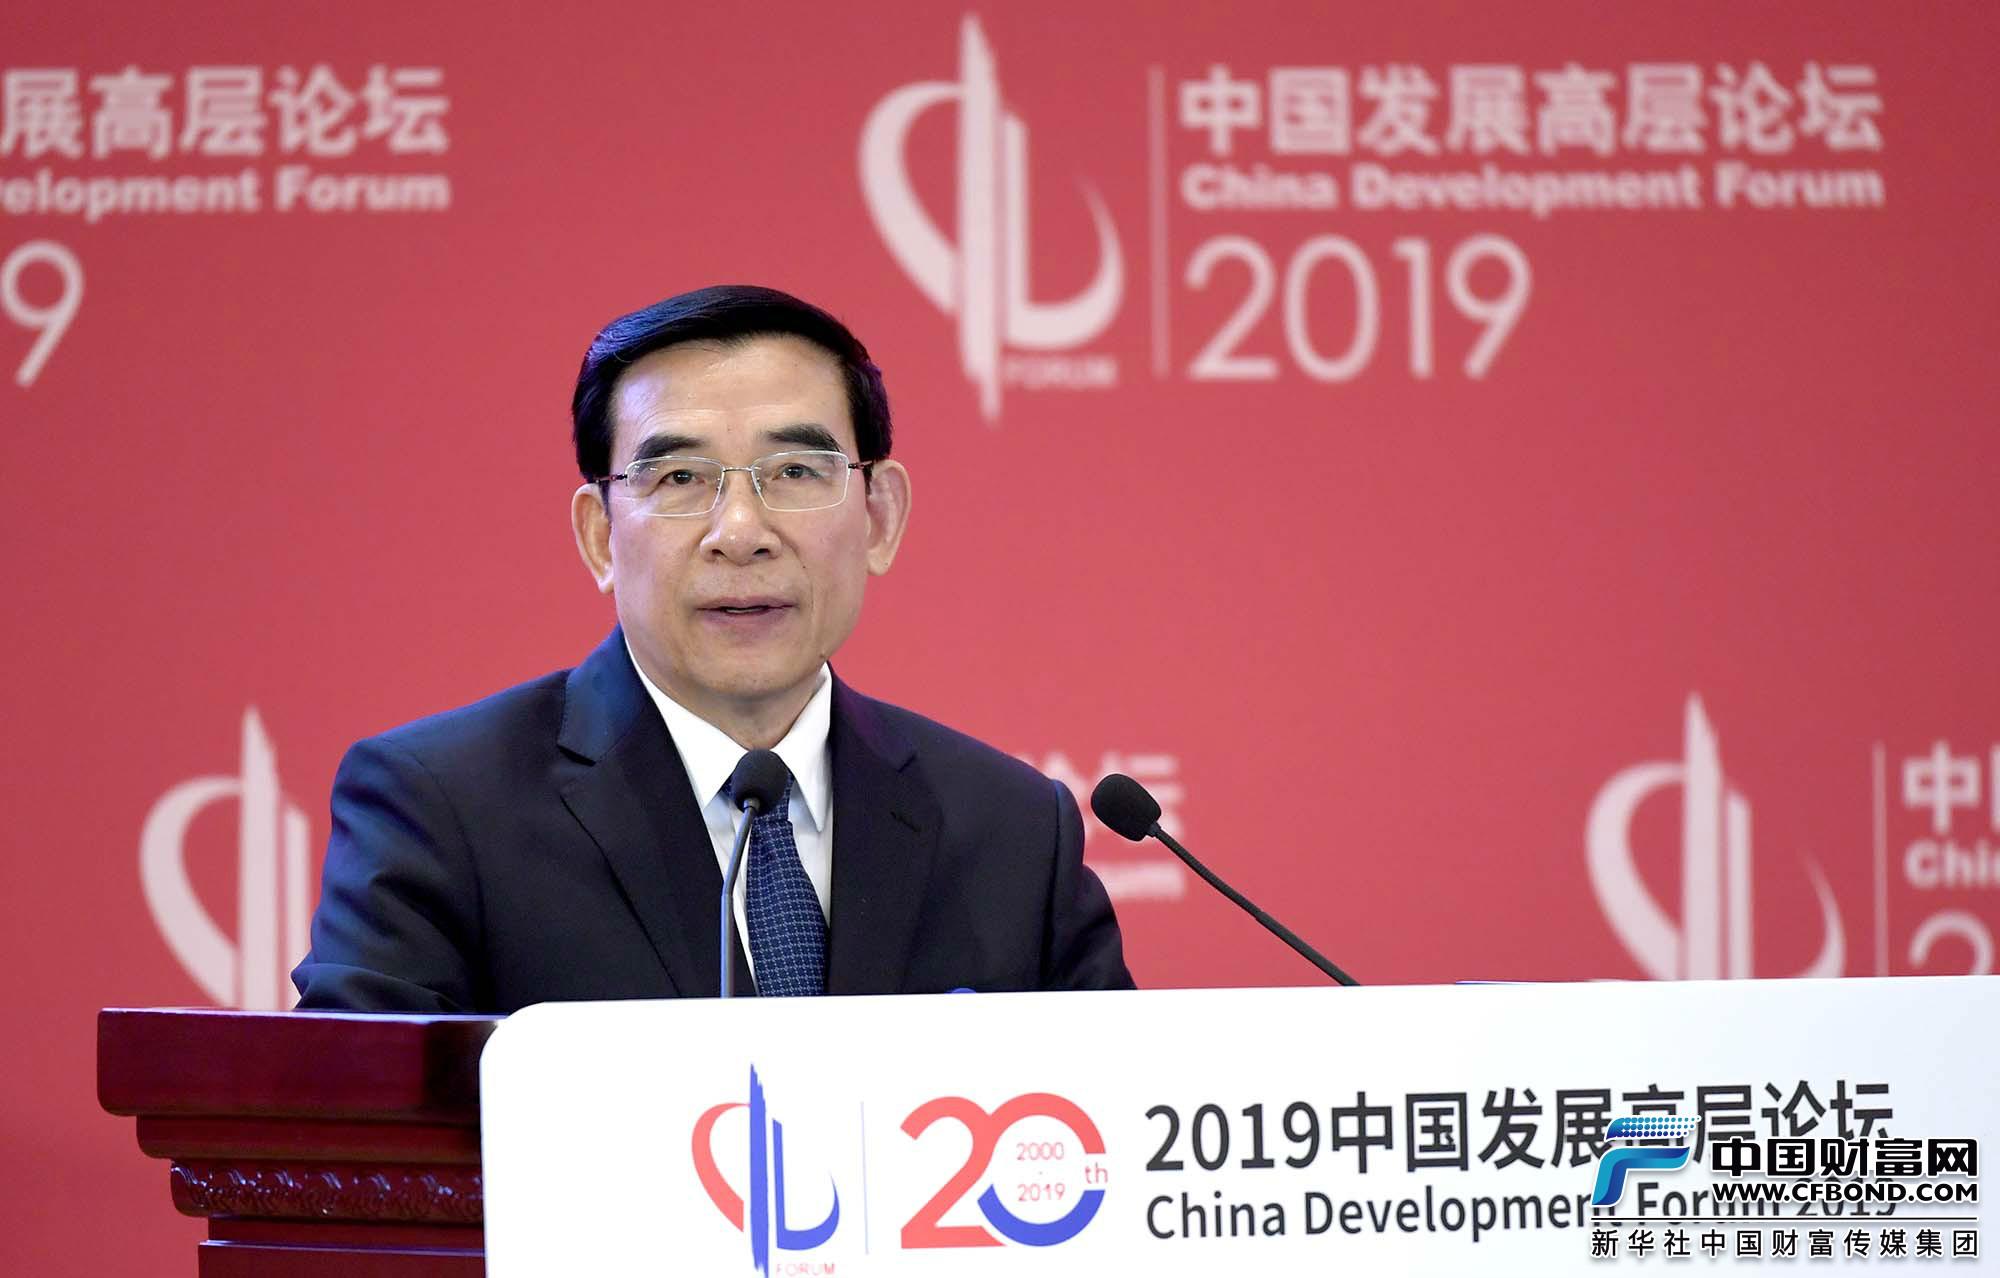 主持:国务院发展研究中心副主任王安顺